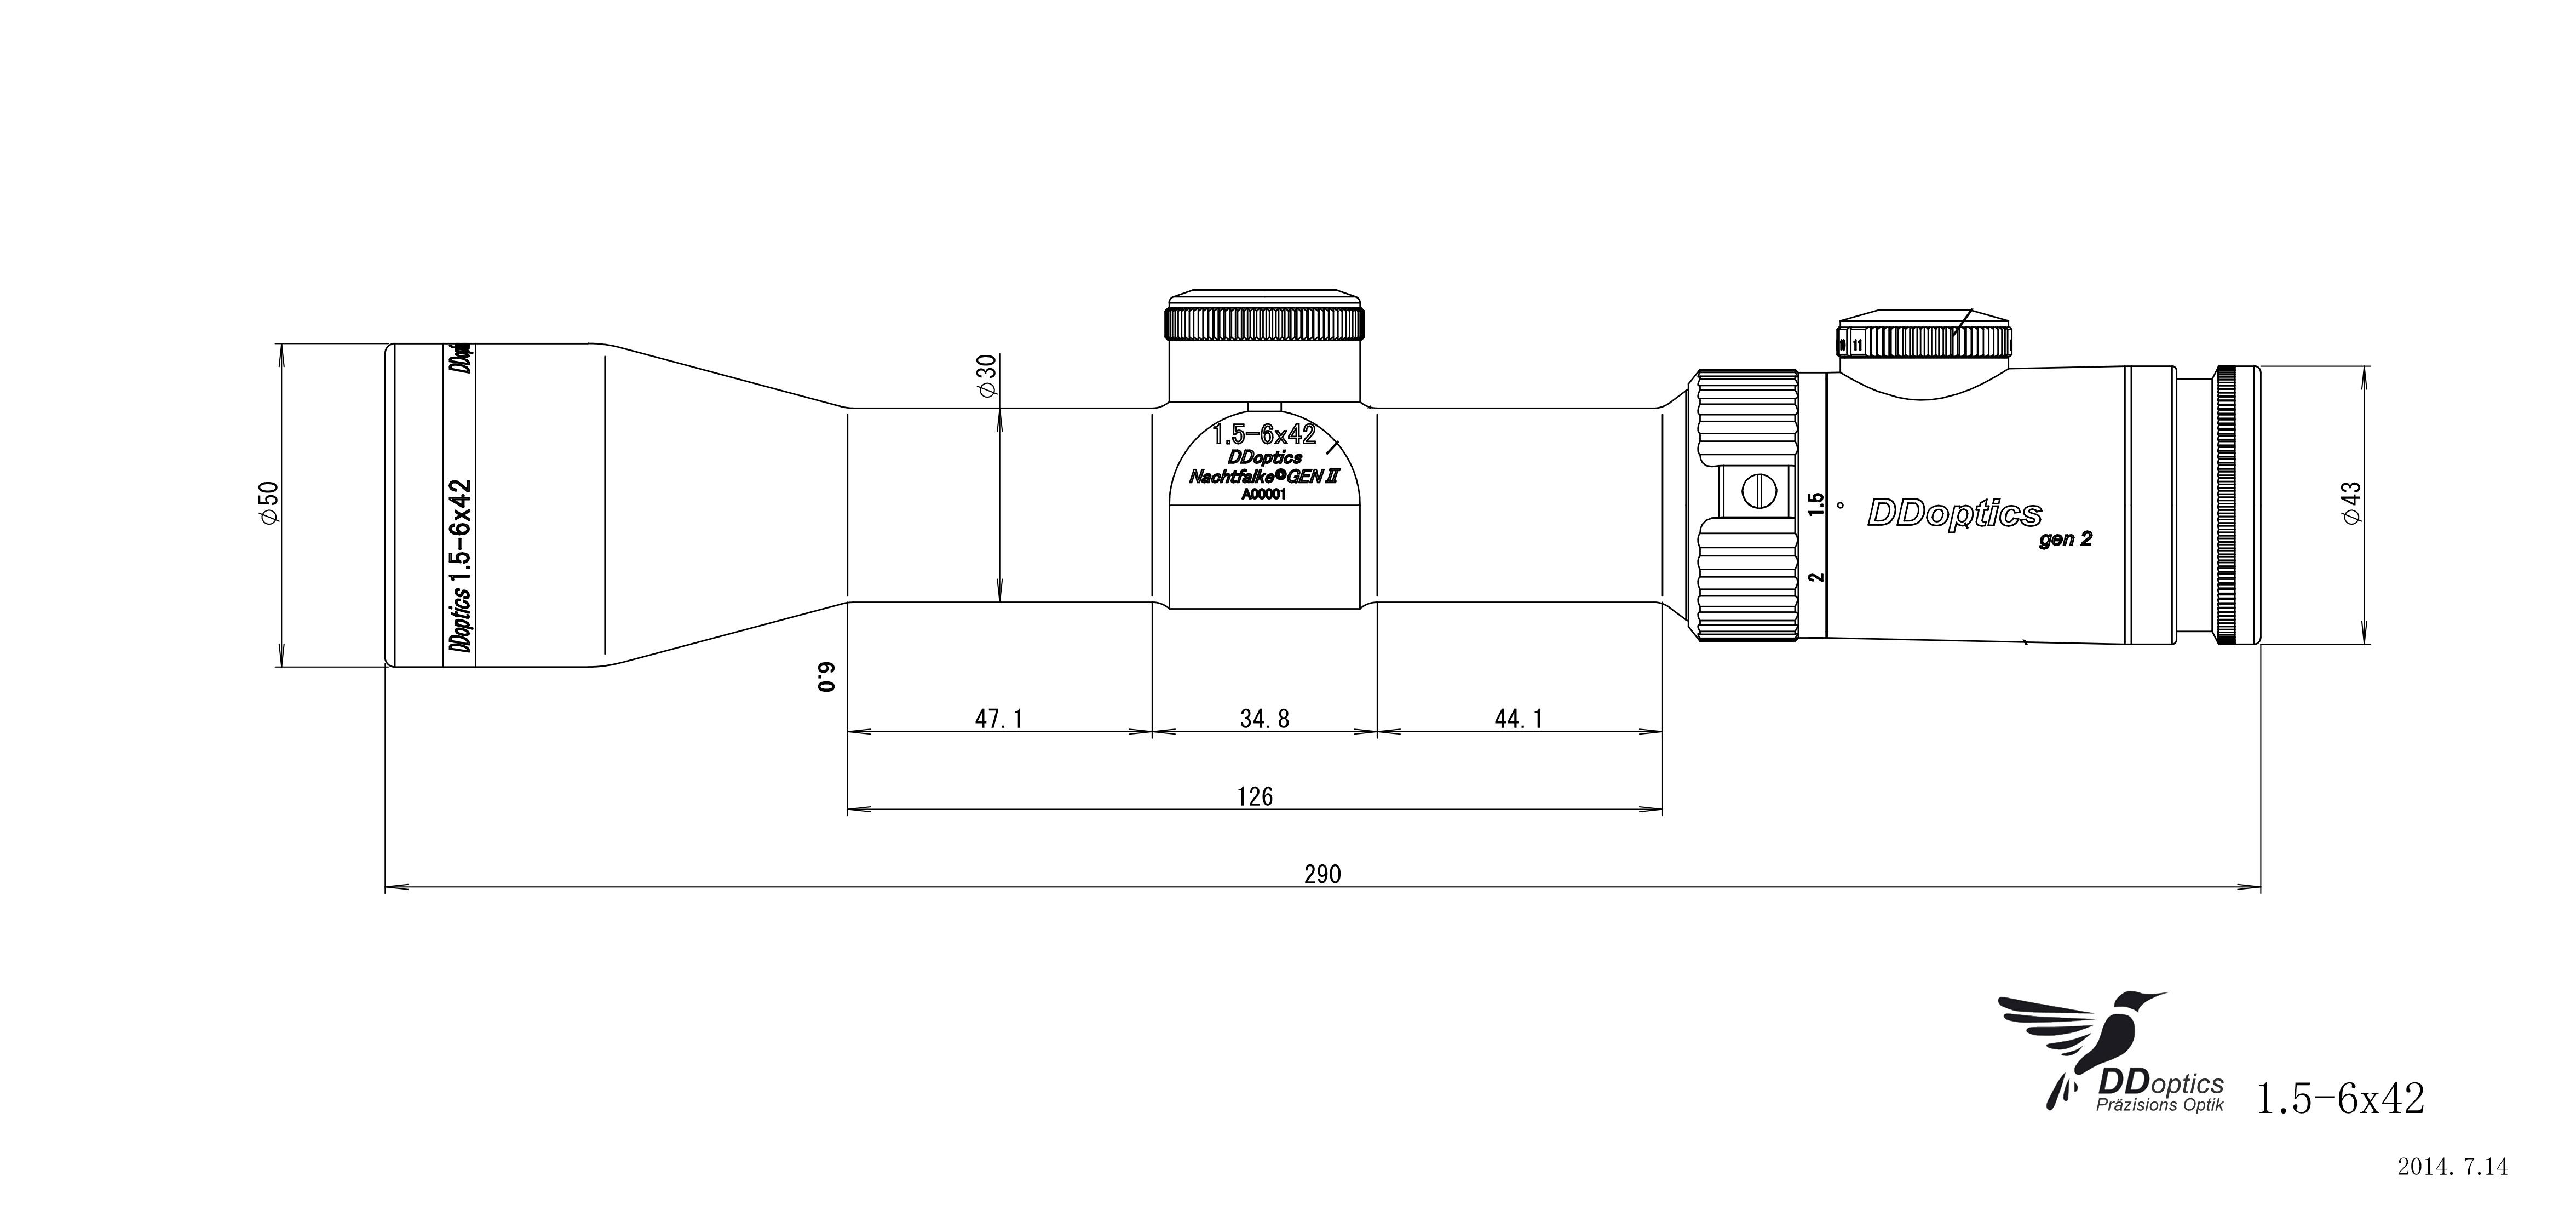 DDoptics 1,5-6x42 Zielfernrohr mit Duplex Absehen